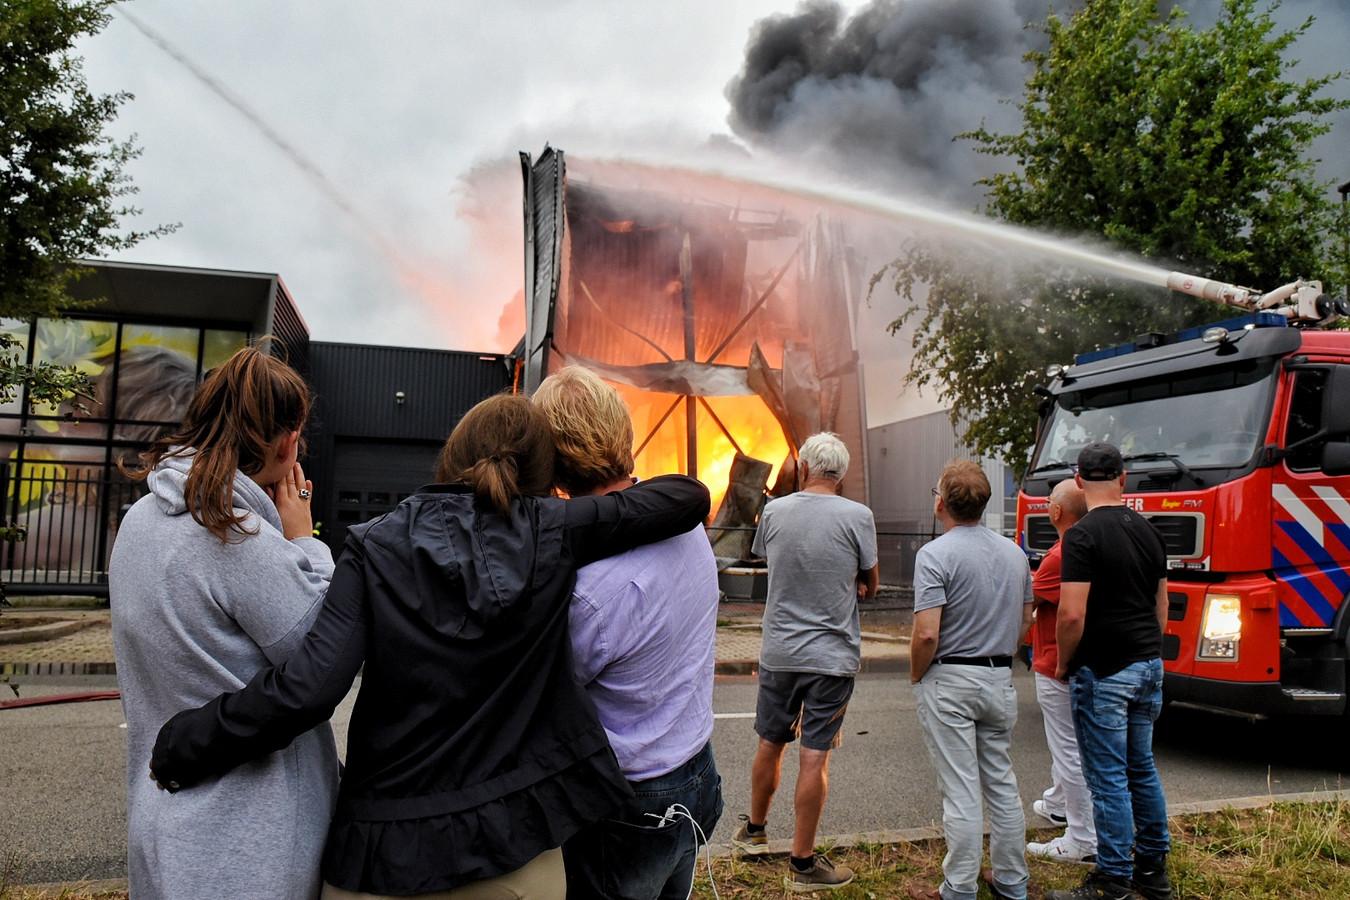 Directeur Kees van Opstal (derde van links) kijkt in 2019 toe het vuur de hal bij zijn bedrijf Fire-Up, op bedrijventerrein Laarakkers in Oisterwijk, verwoest.